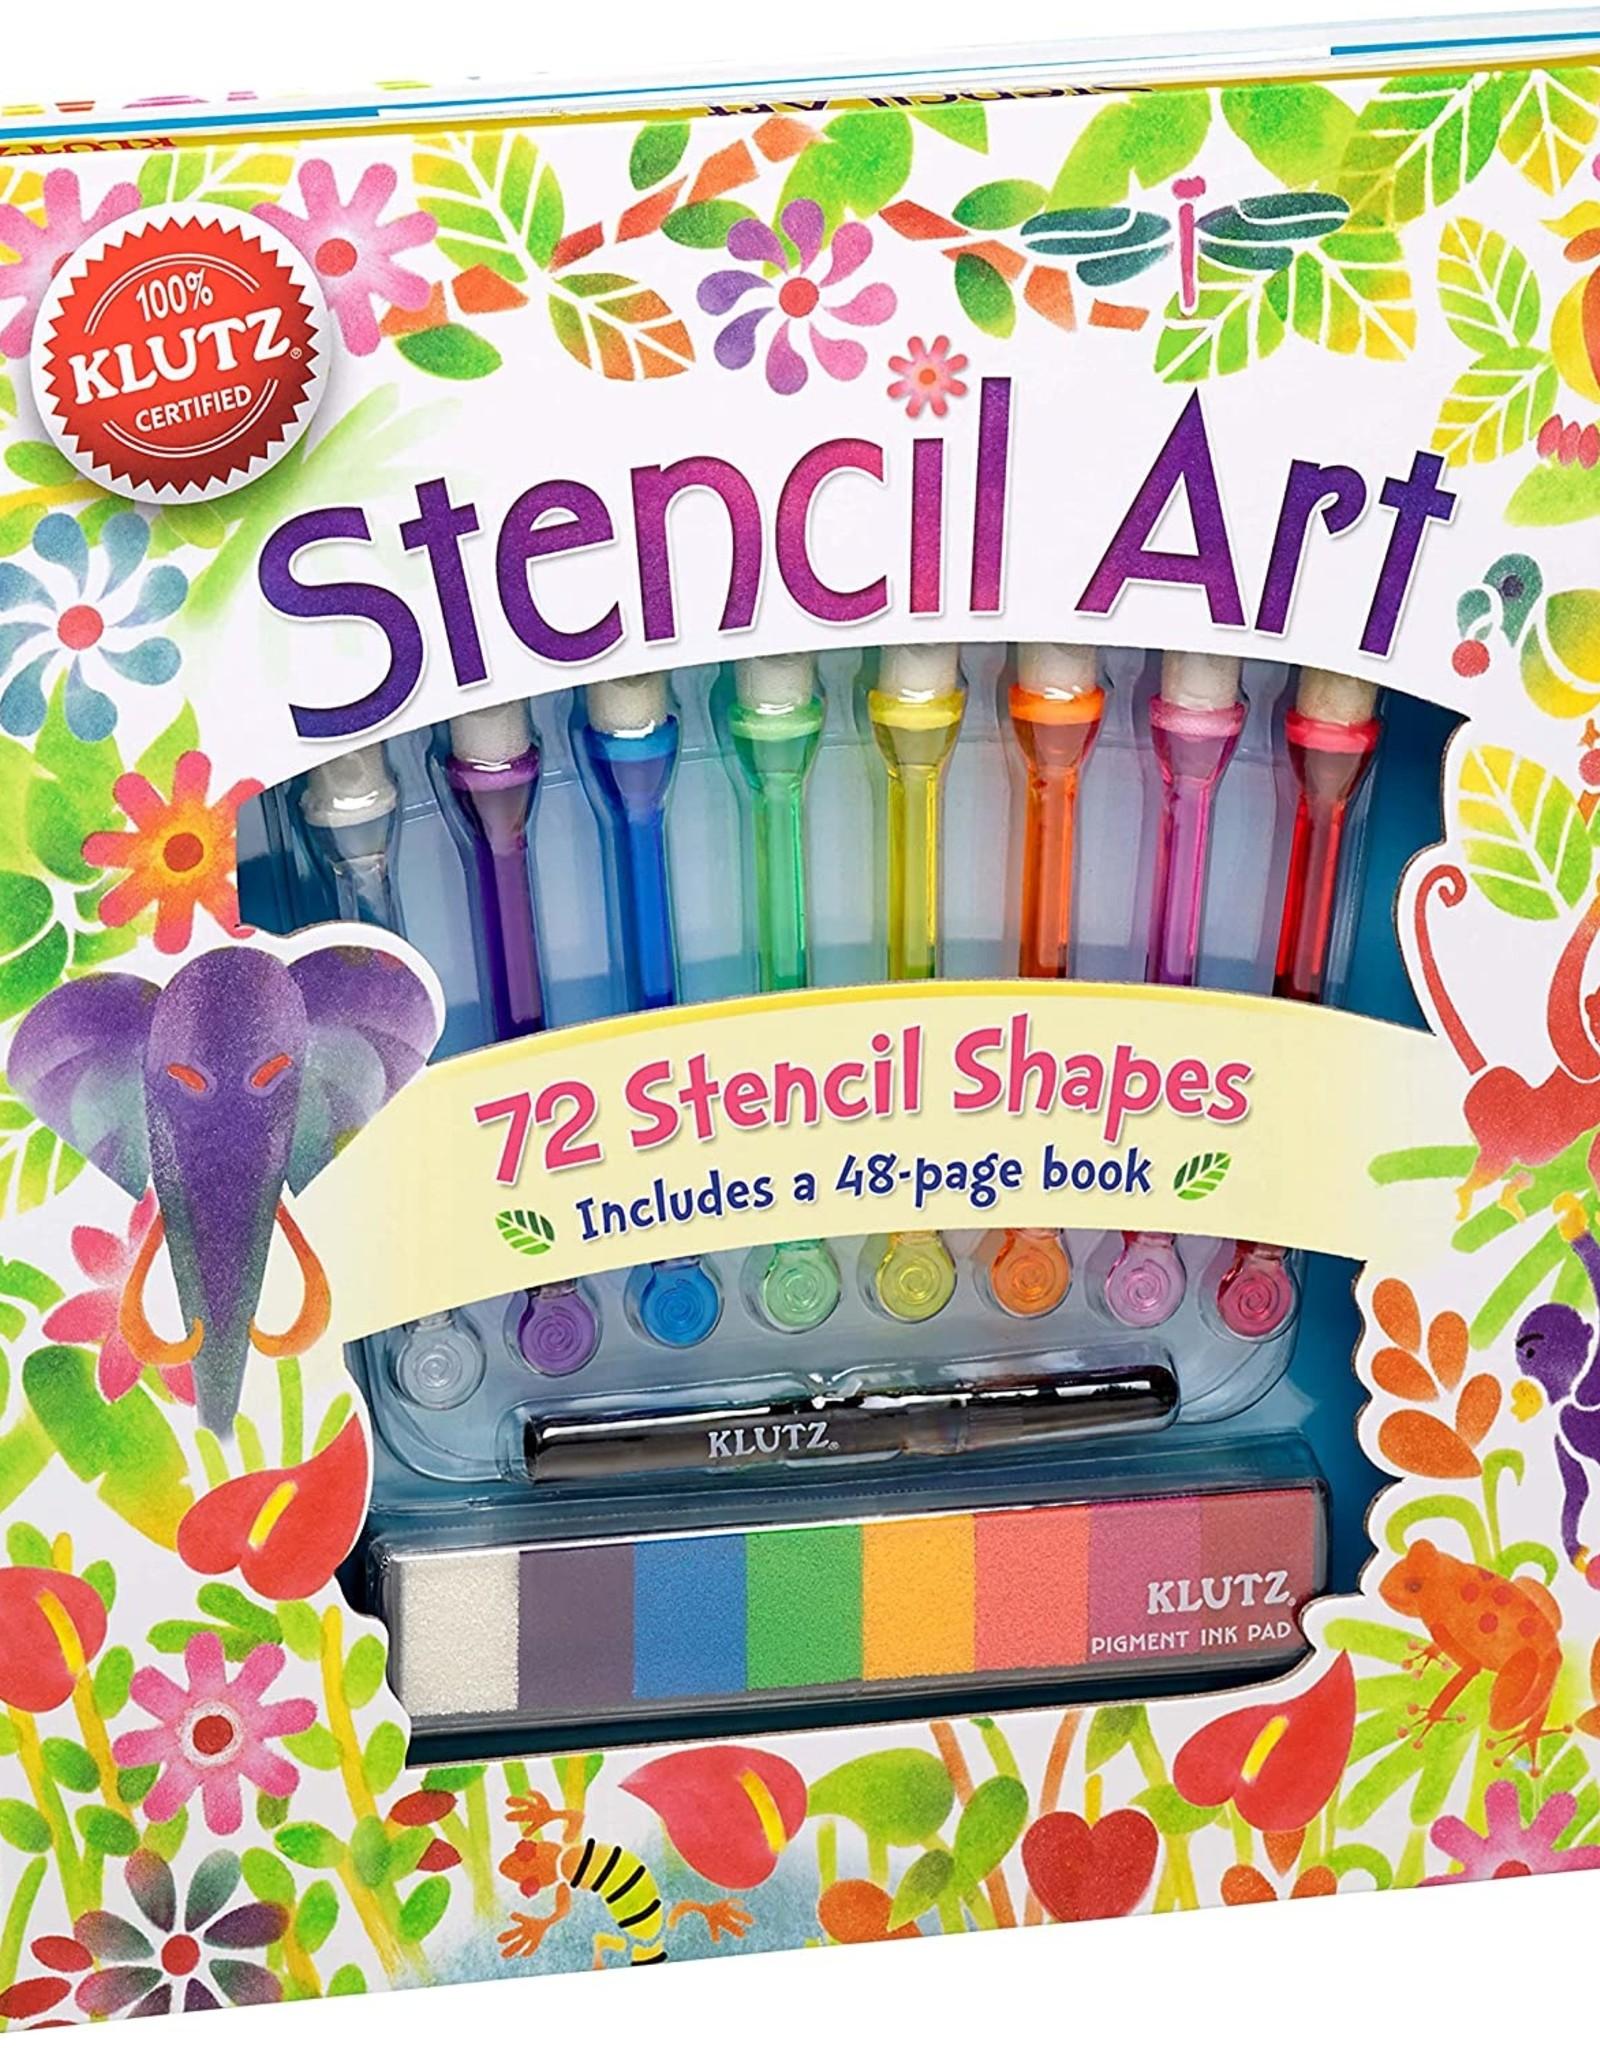 Klutz Stencil Art